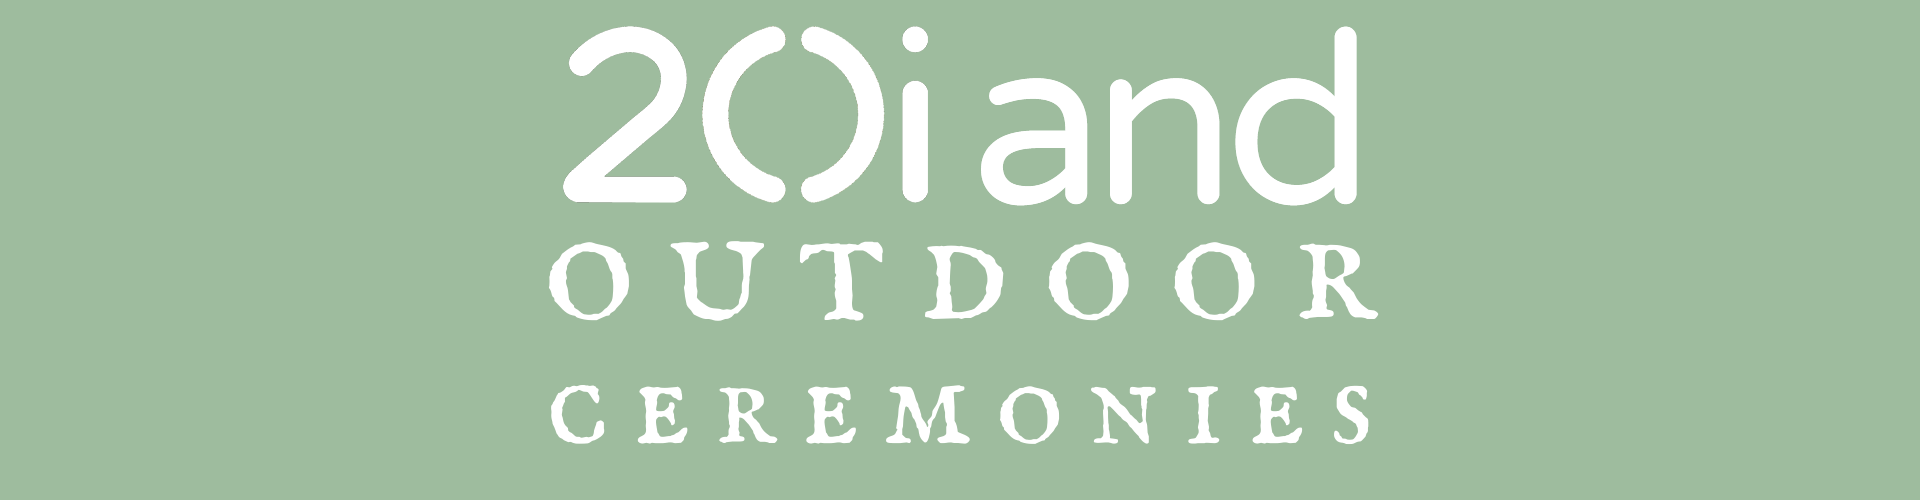 20i and Outdoor Ceremonies